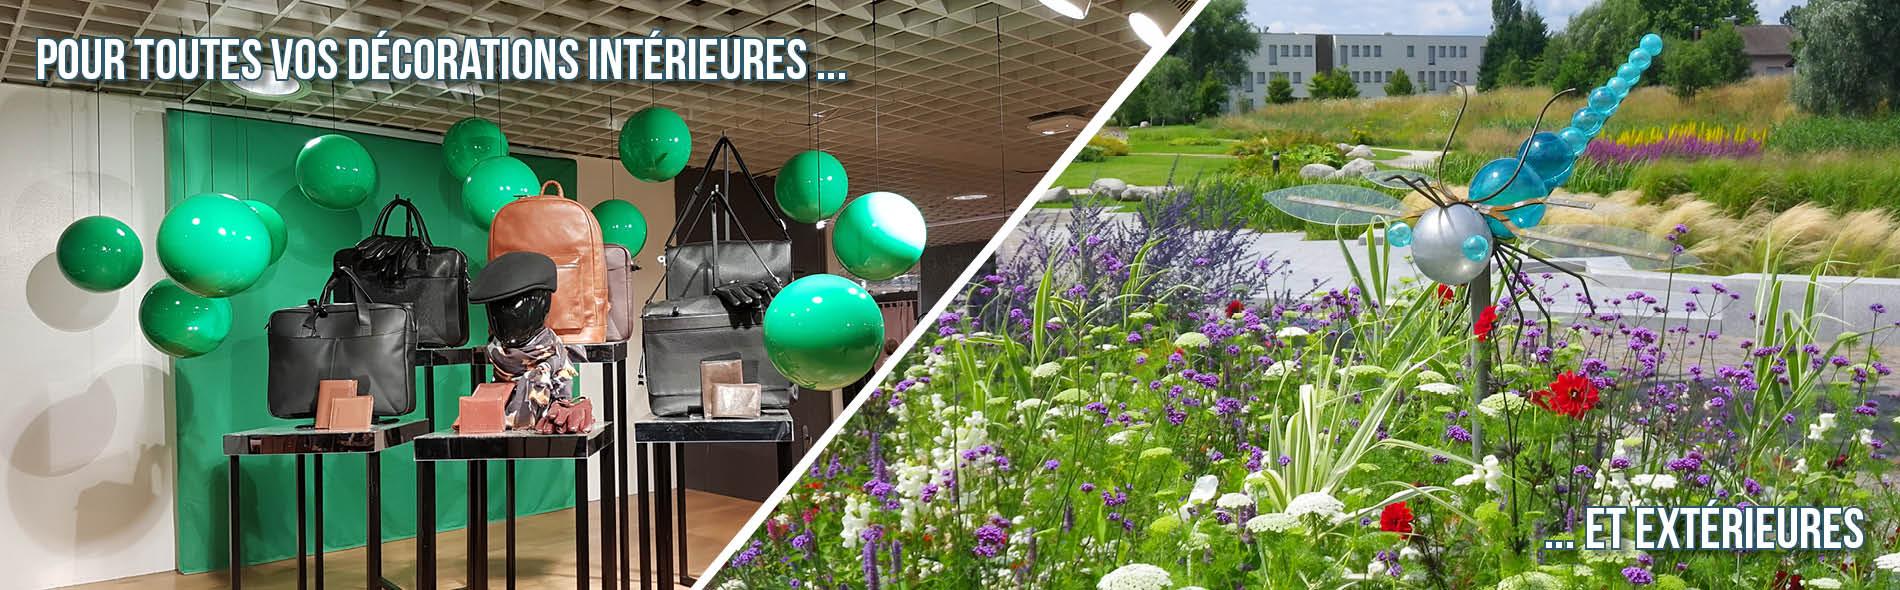 Boules plastiques pour décorations d'intérieures et d'extérieures